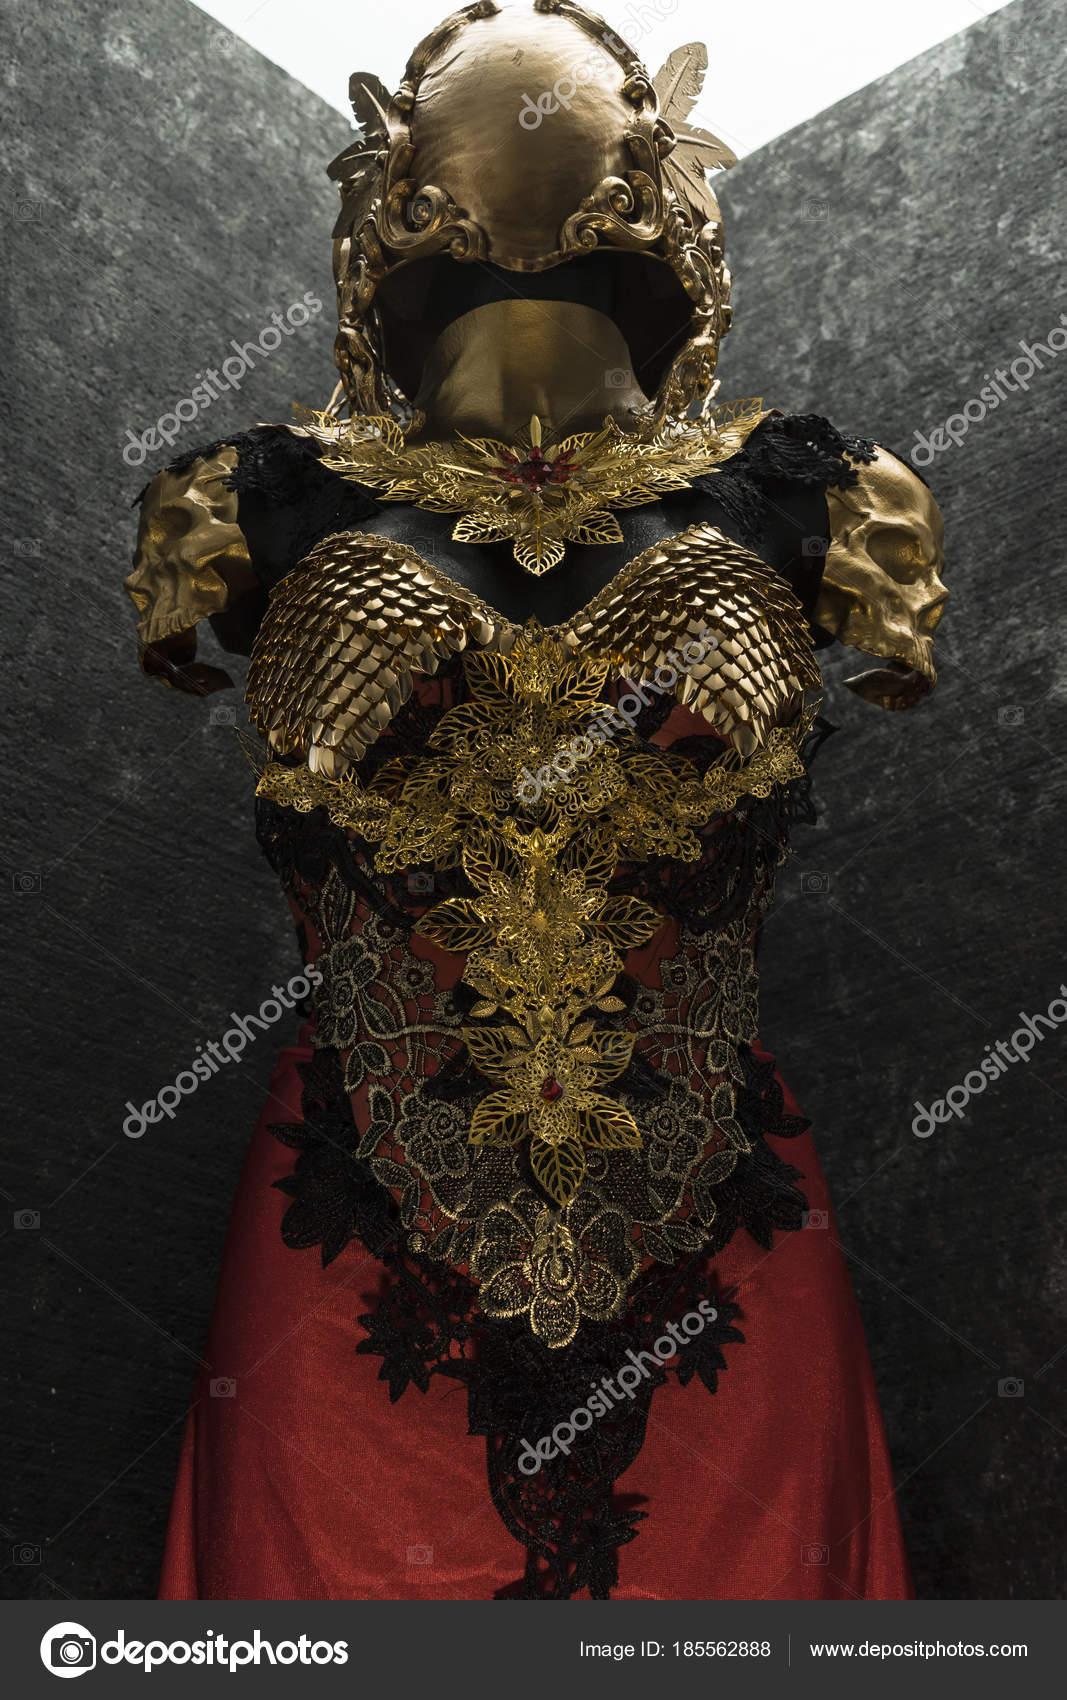 golden dragon scale armor